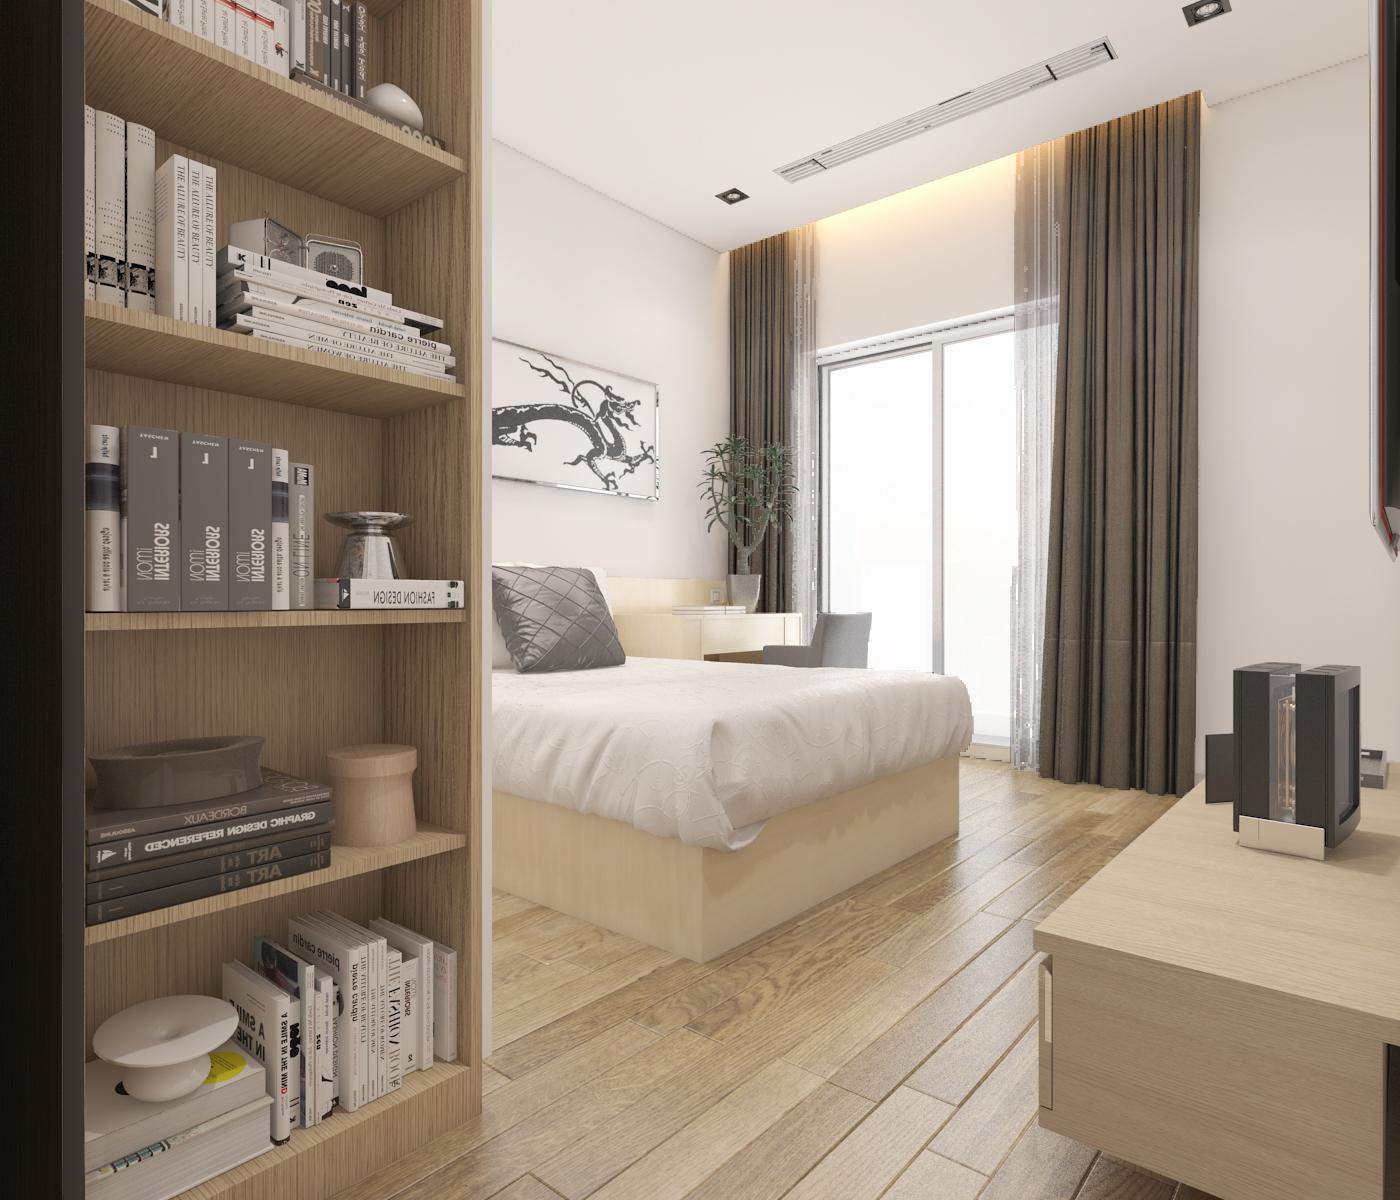 thiết kế nội thất Biệt Thự tại Hà Nội bt Vinhomes - riverside 48 1568085374